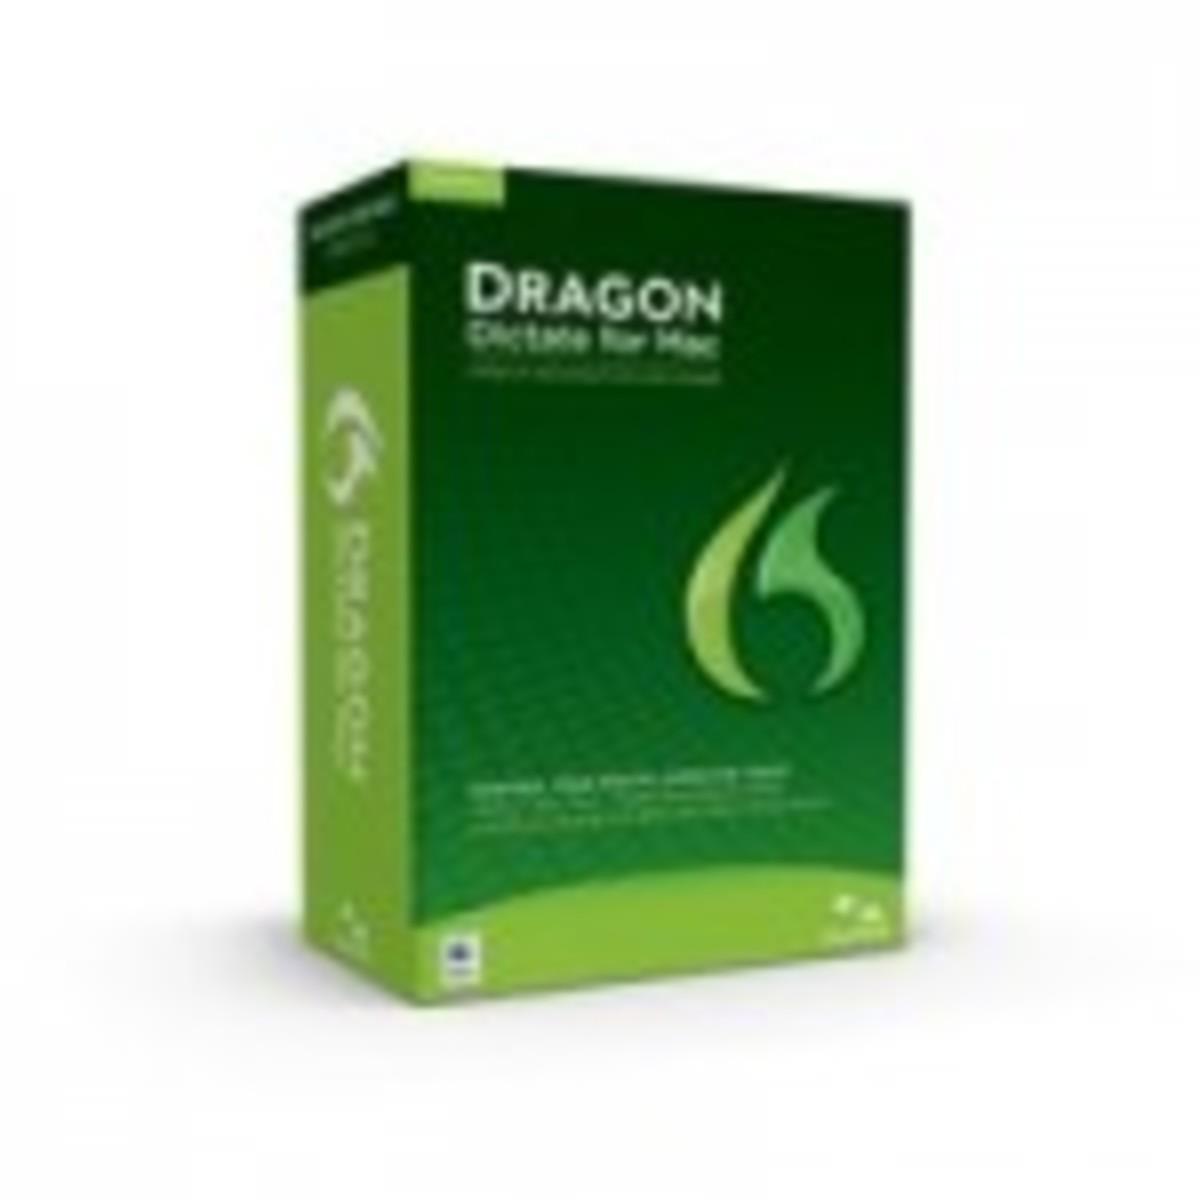 dragondictate3_small